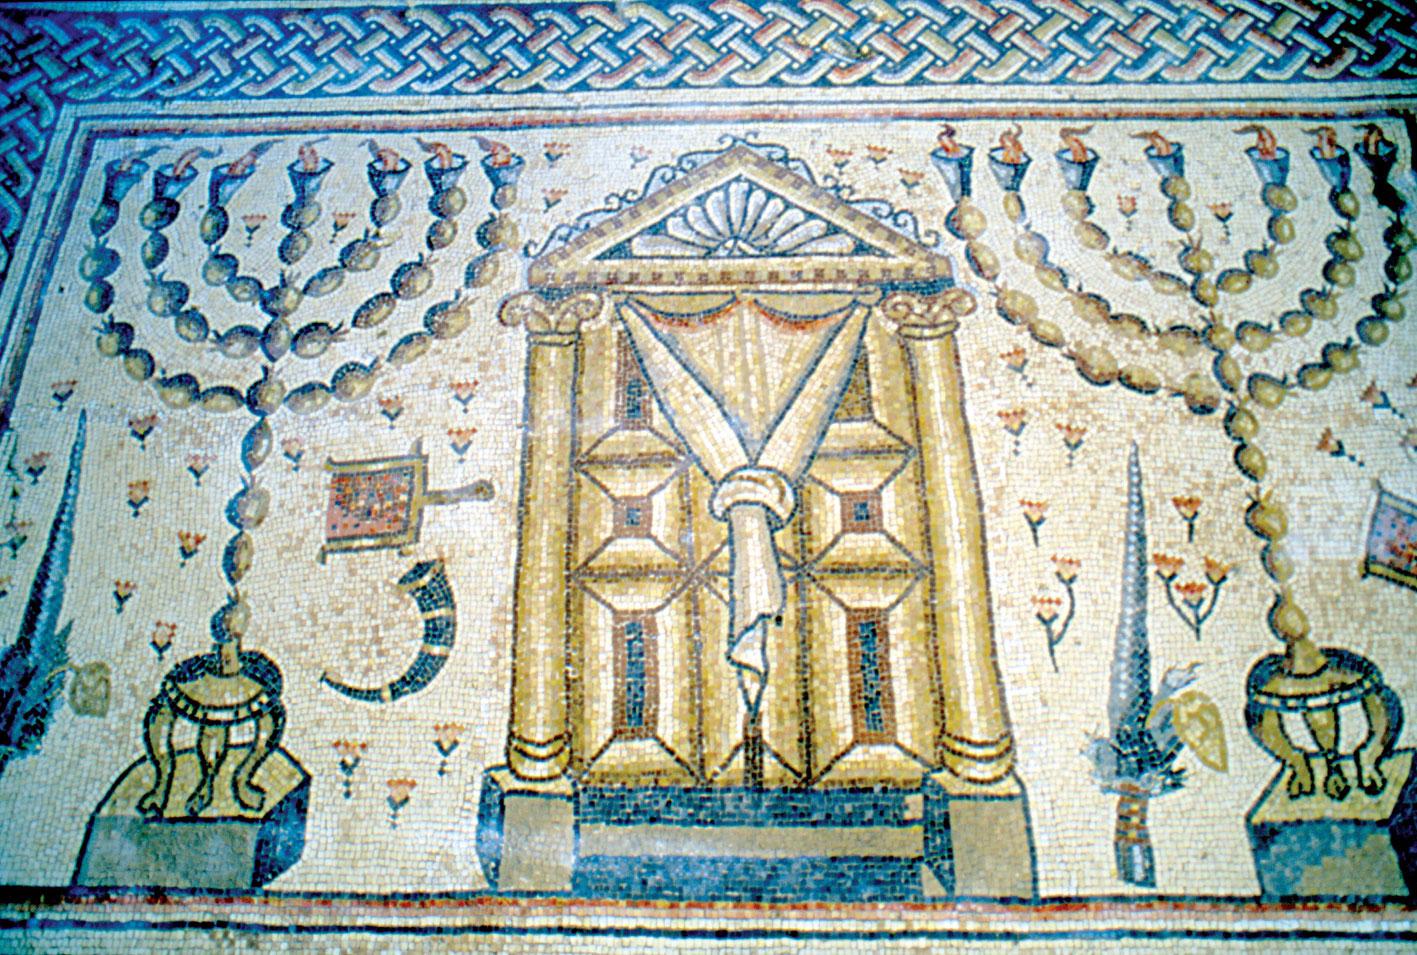 קטע מפסיפס בית הכנסת בחמת טבריה, המאה הרביעית לספירה (3)